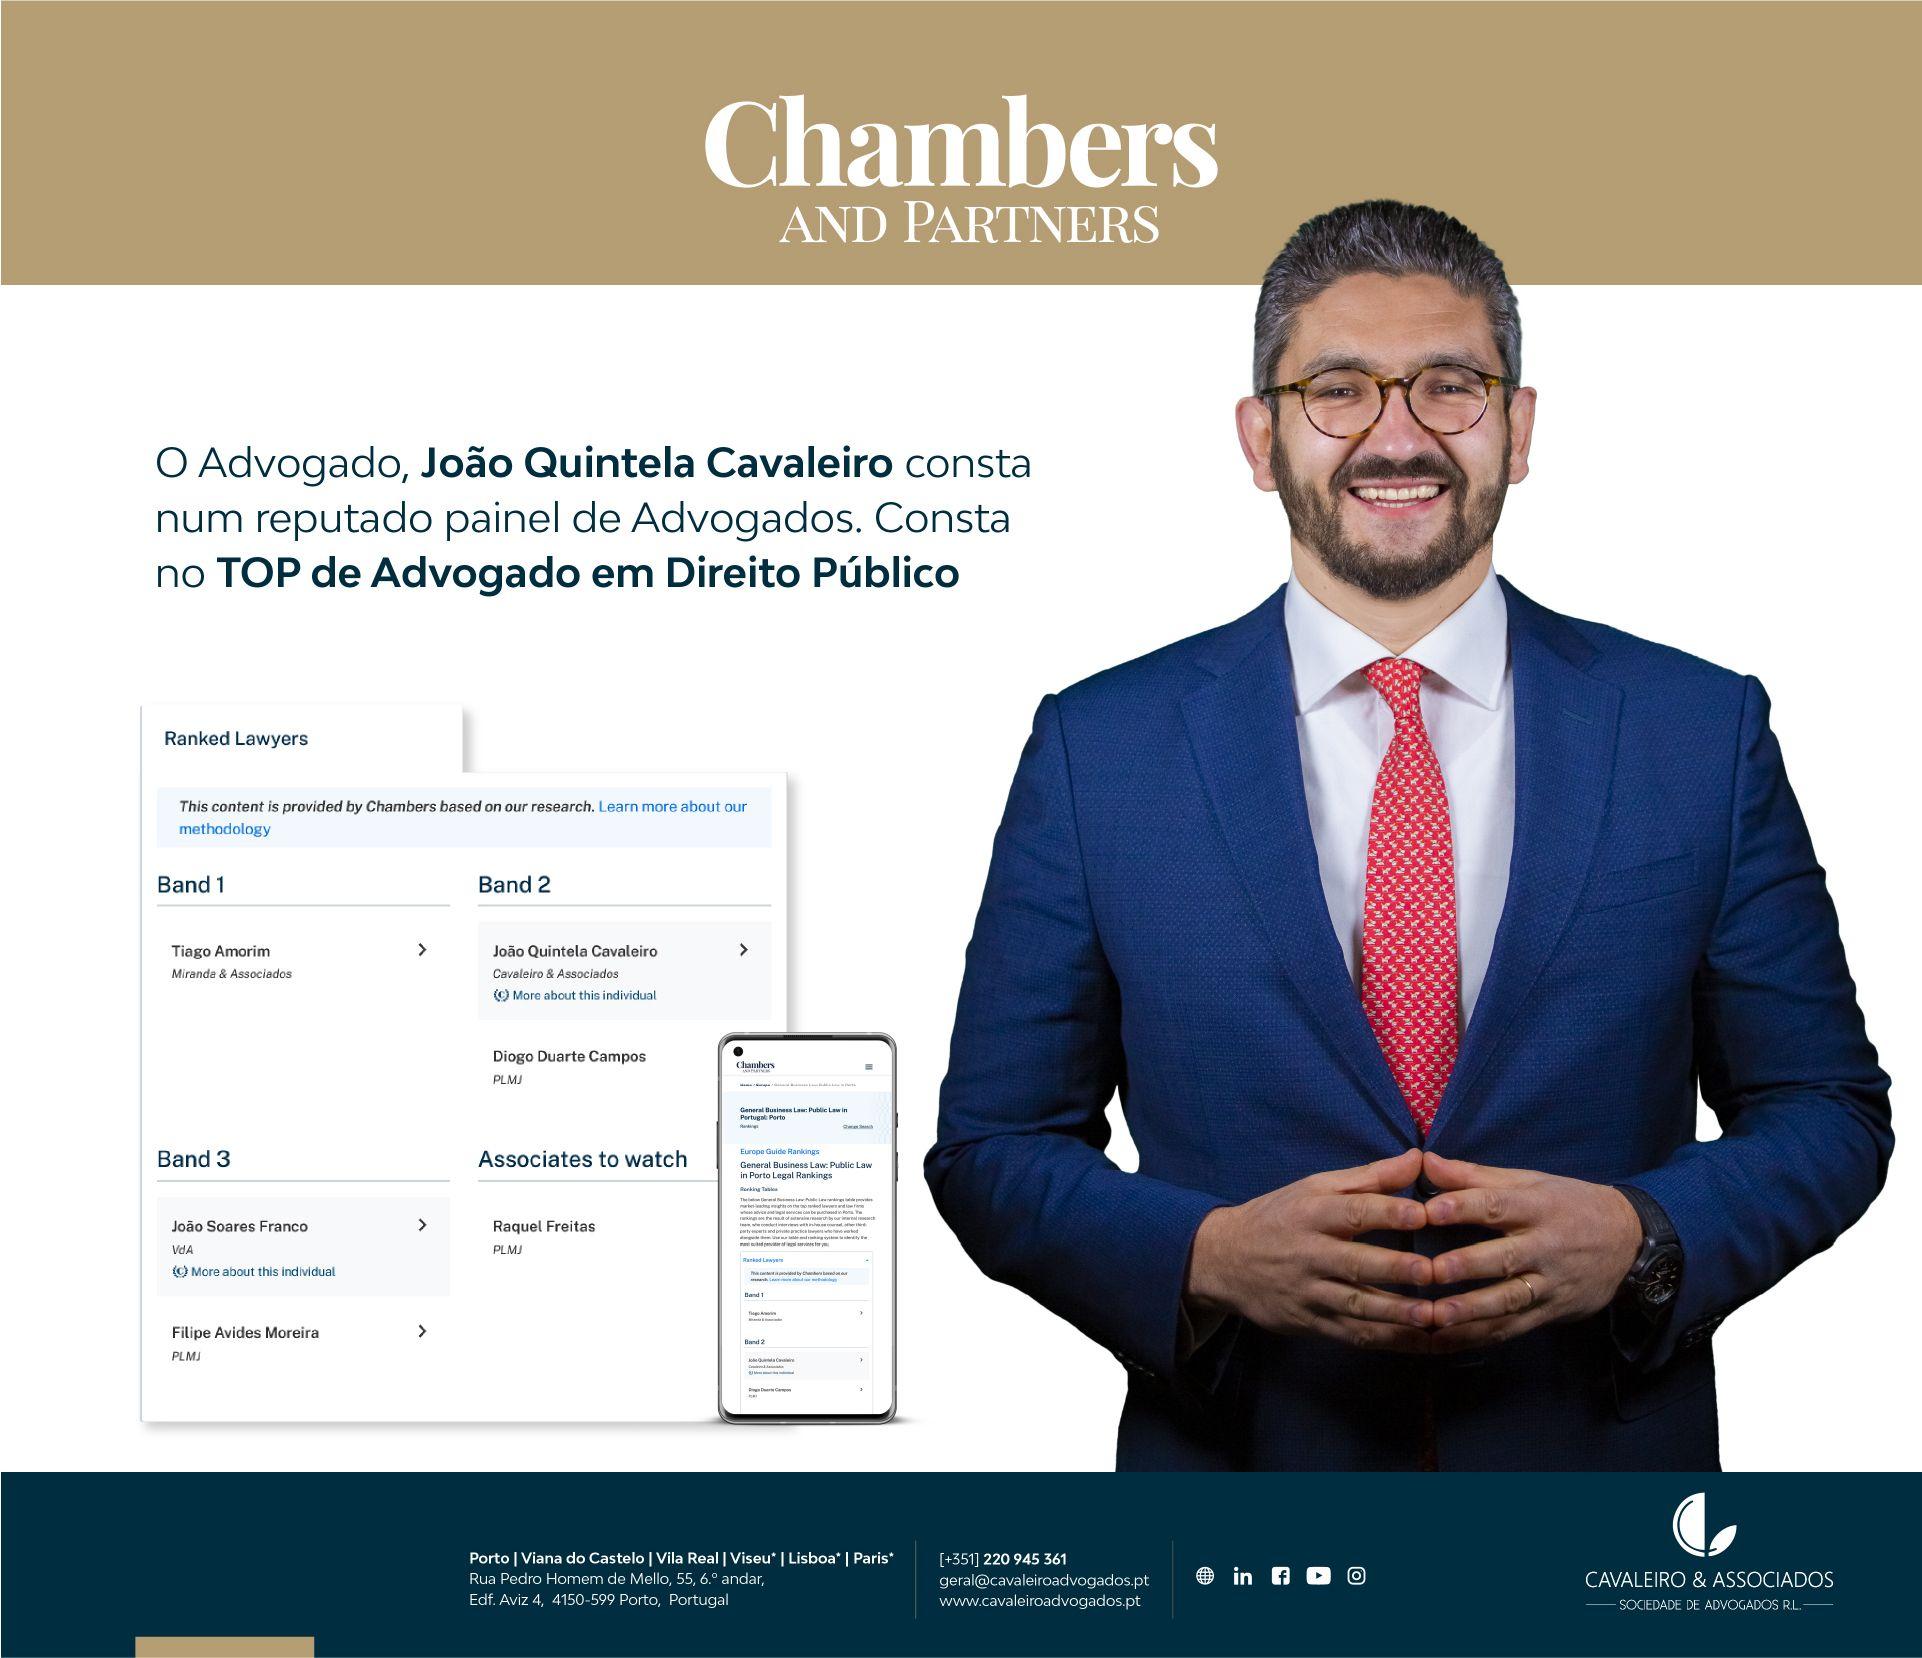 João Quintela Cavaleiro – Top Advogado Direito Público Chambers and Partners